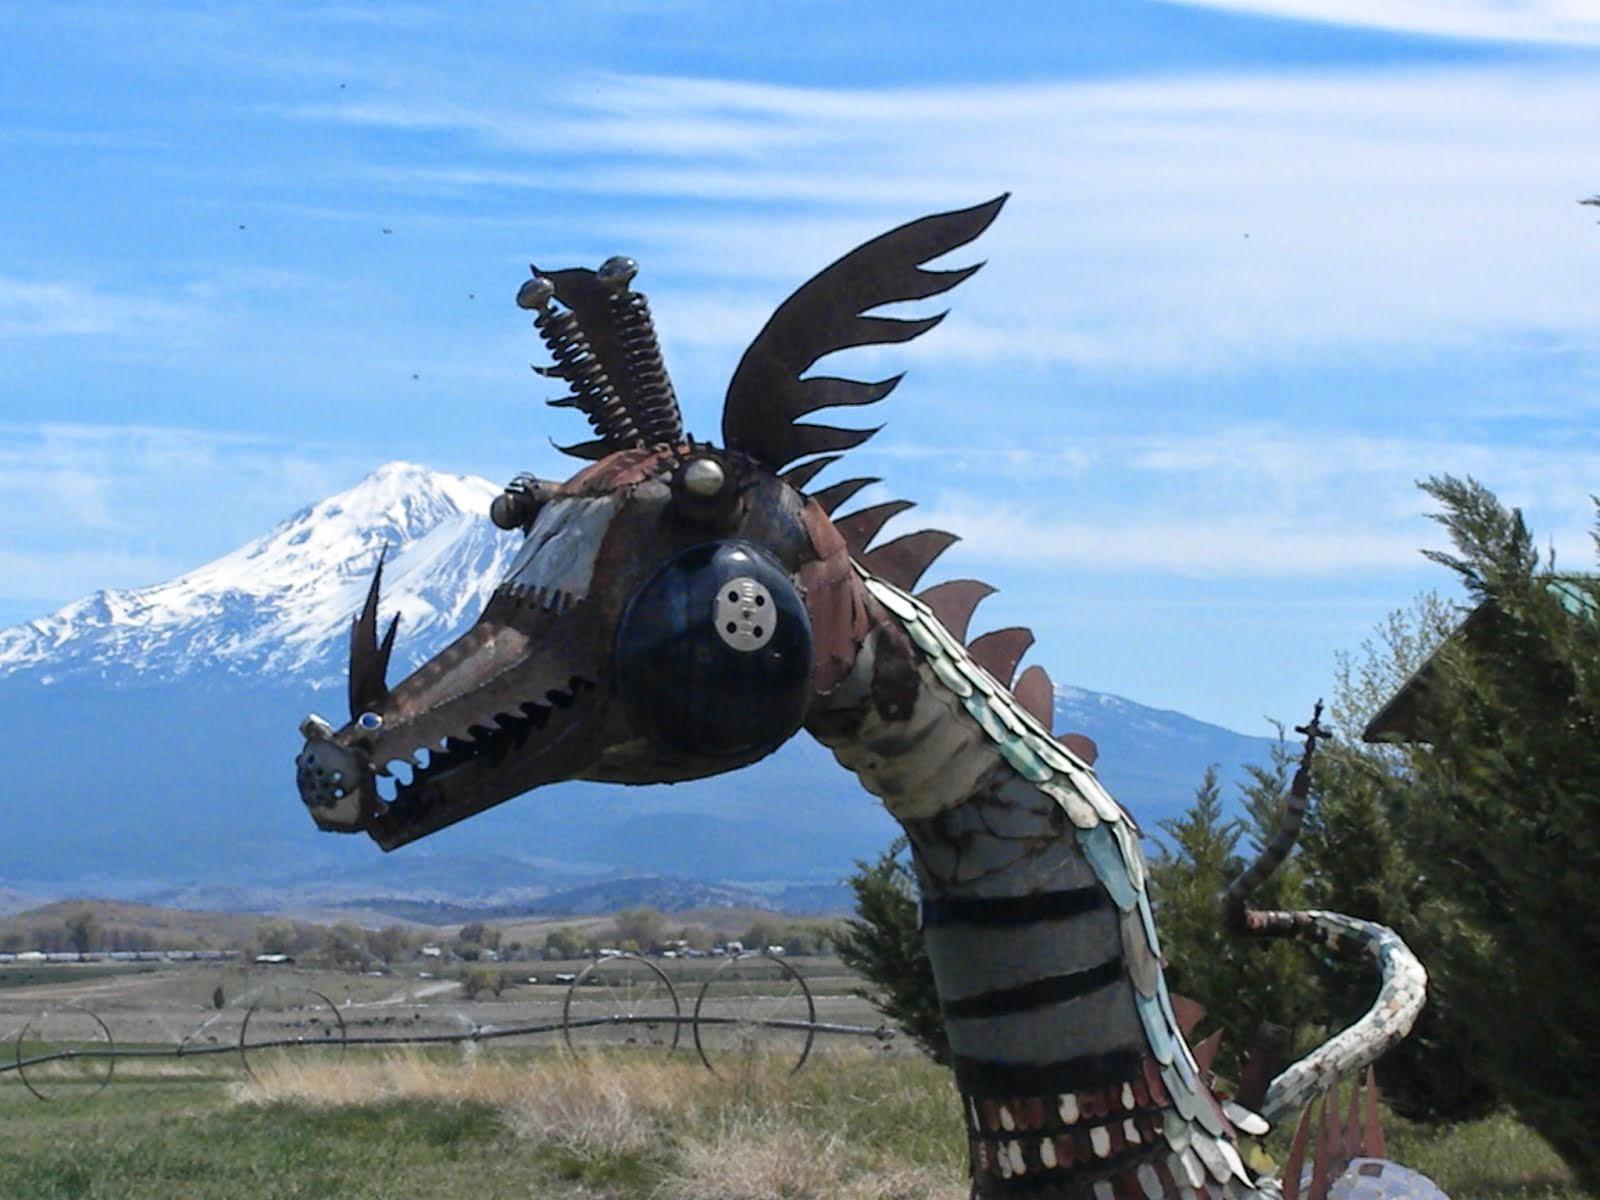 Ralph Starritt's Dragon